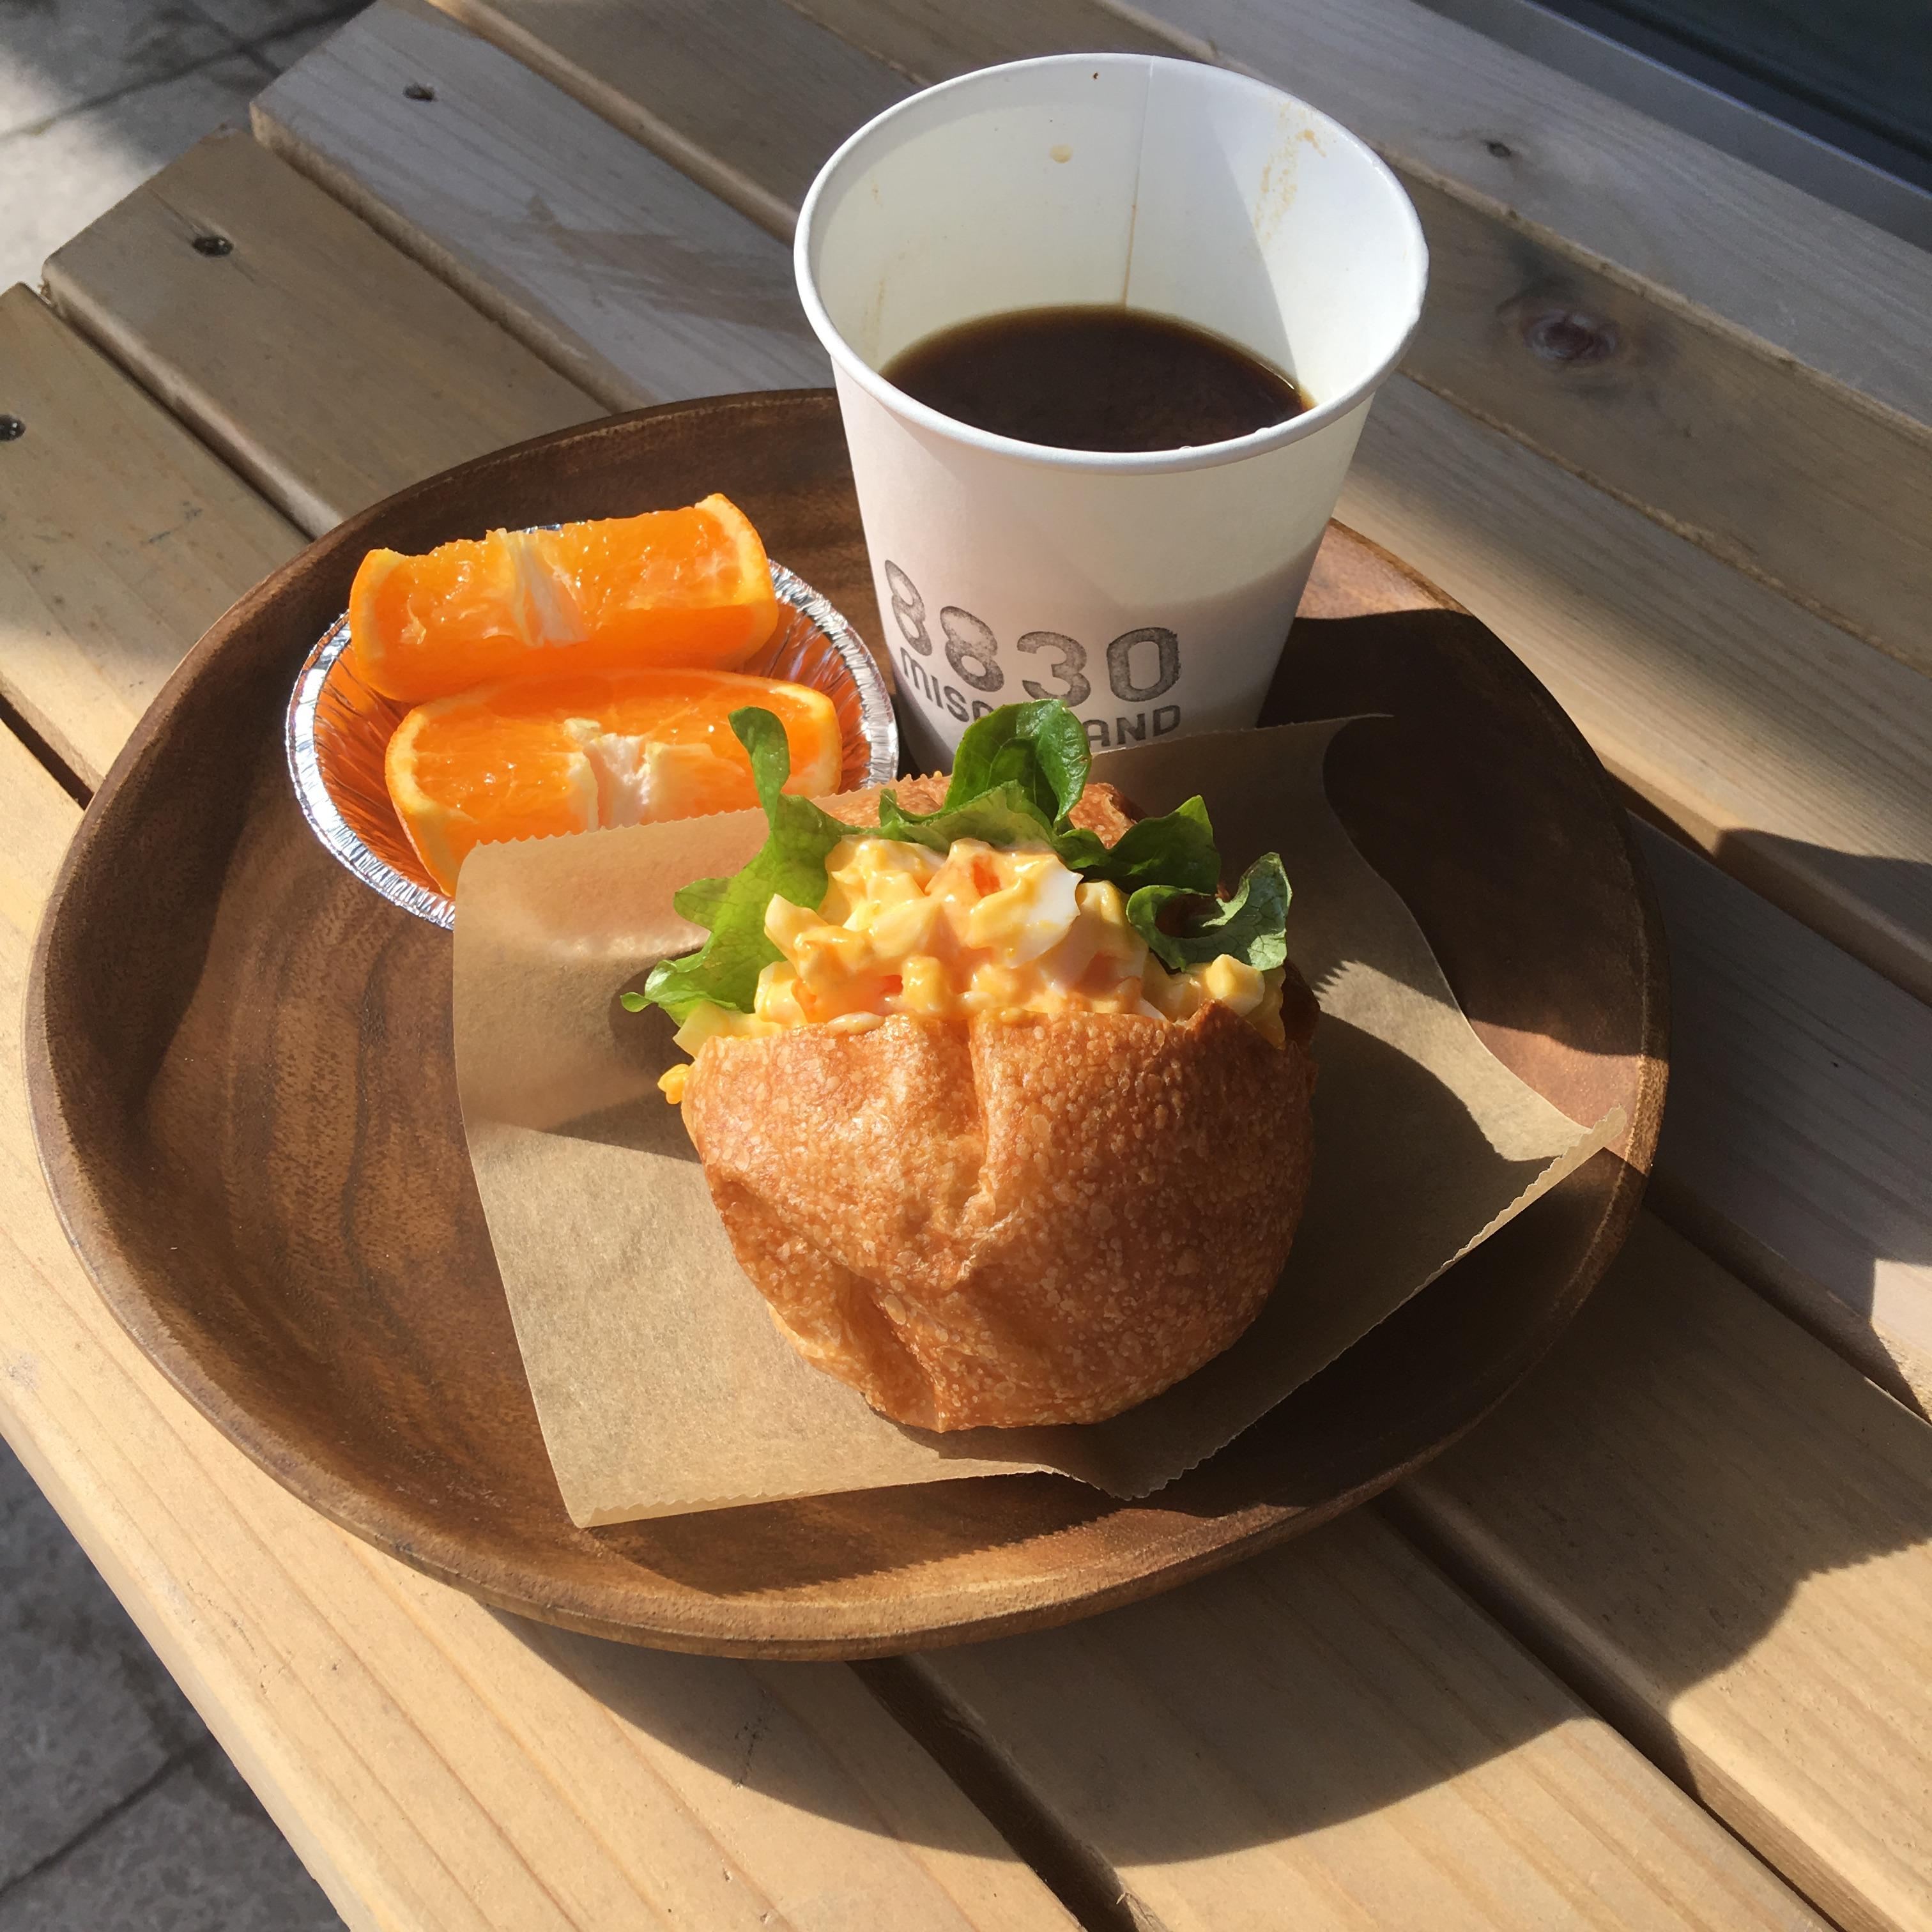 「コーヒーじゃなくて味噌?」岡崎のおしゃれすぎる味噌汁のお店ミソスープスタンド - securedownload